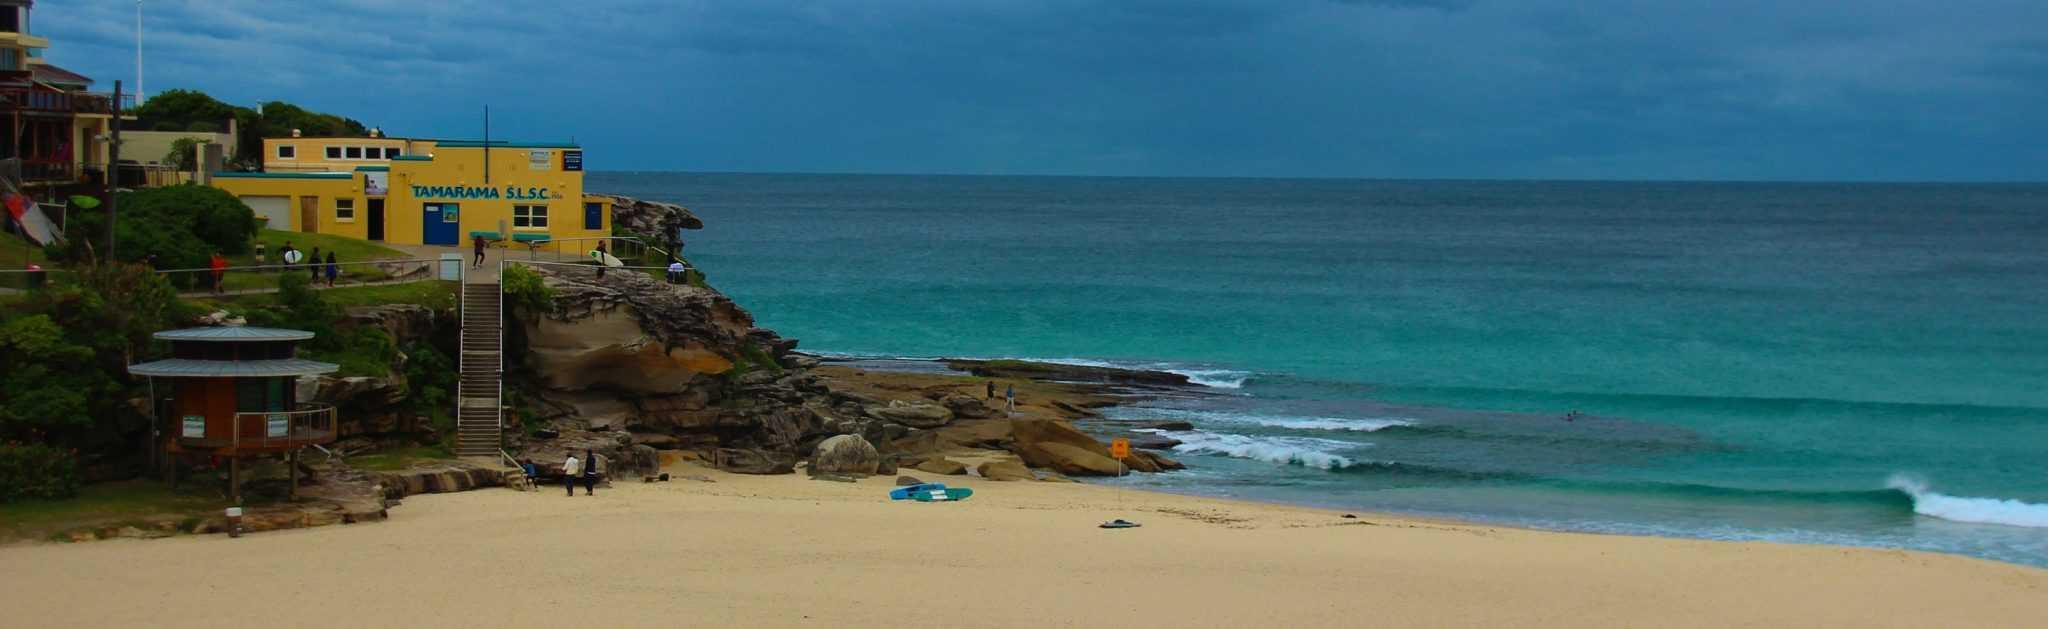 Tamarama beach, Tamarama NSW